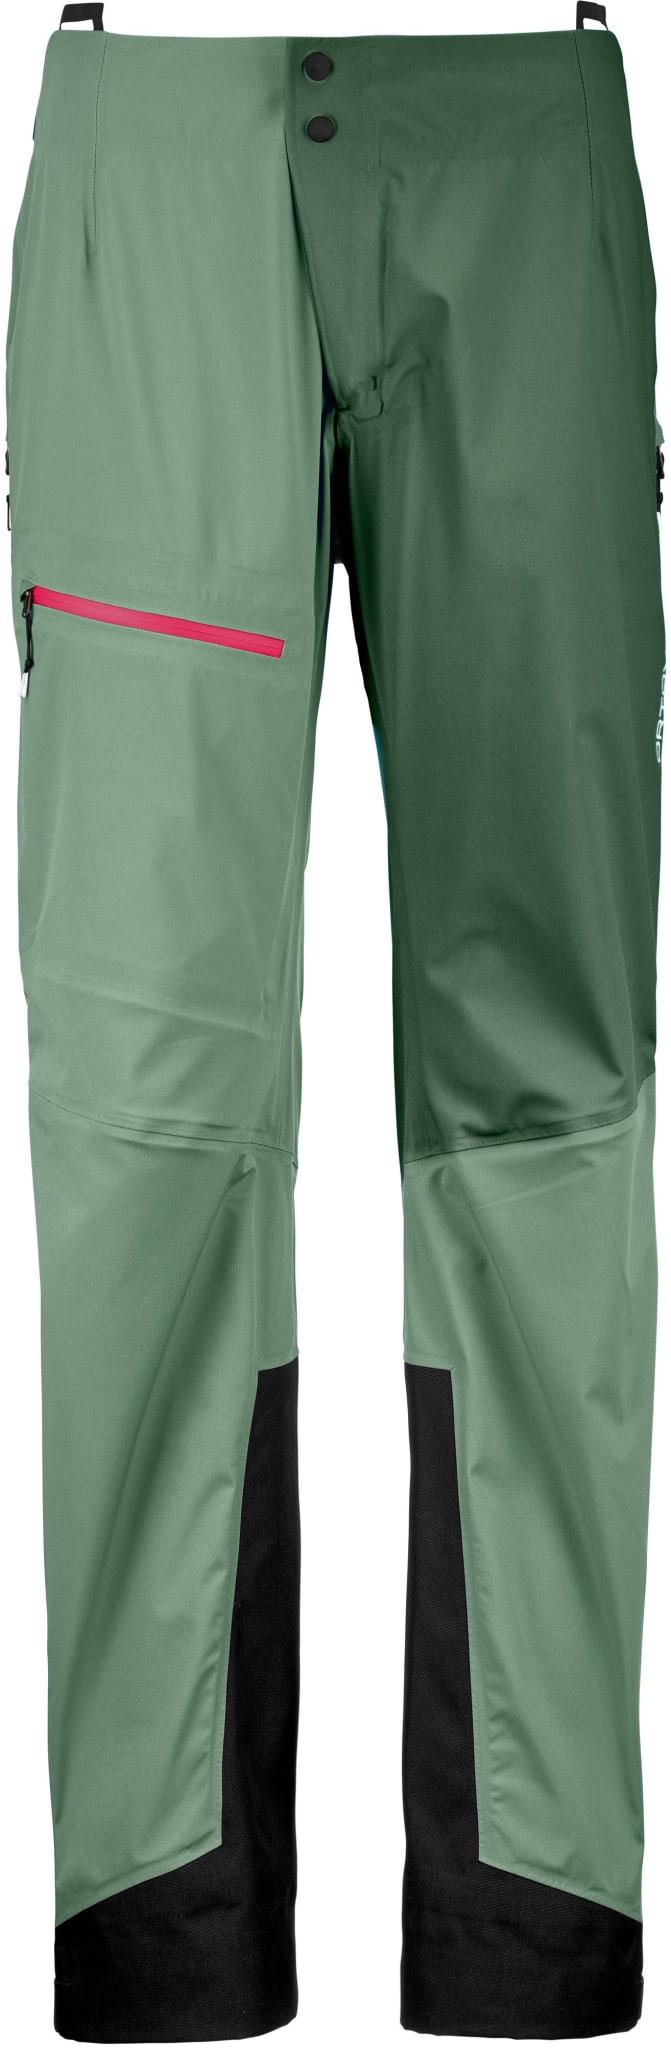 3L Ortler Pants W